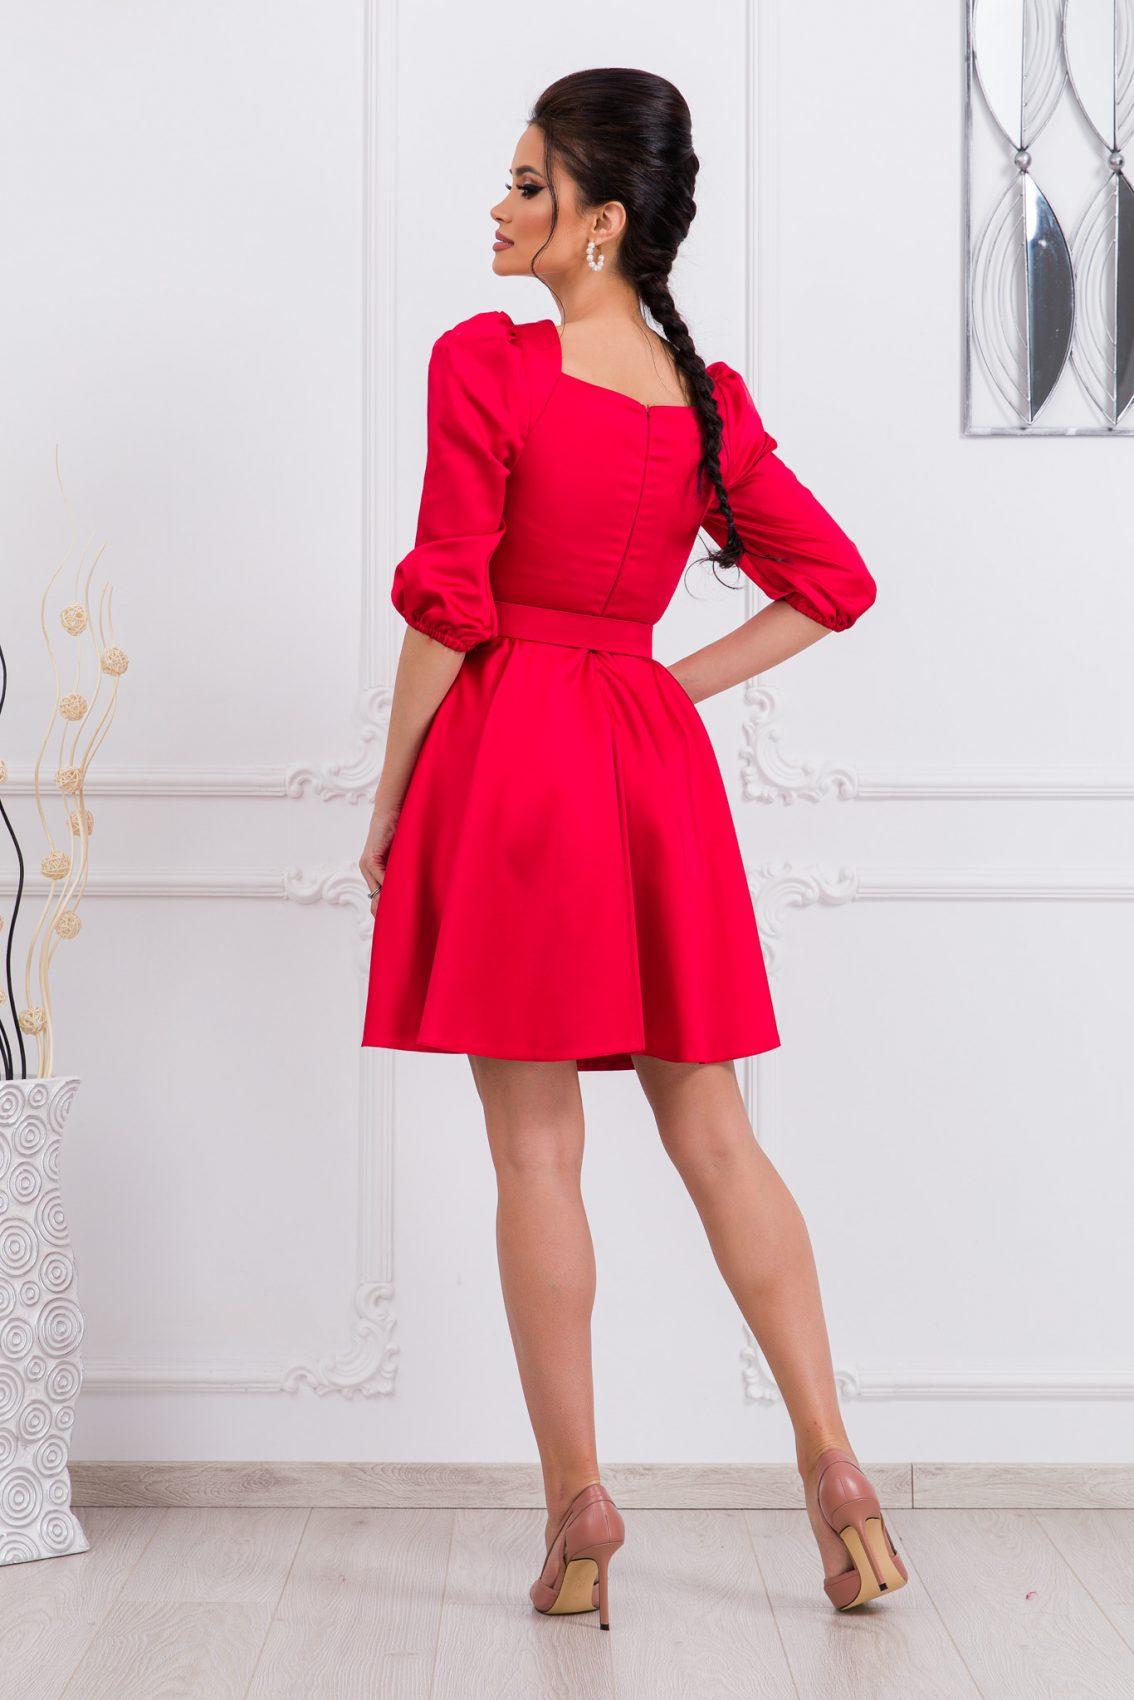 Κόκκινο Μίνι Σατέν Φόρεμα Camille 9671 2